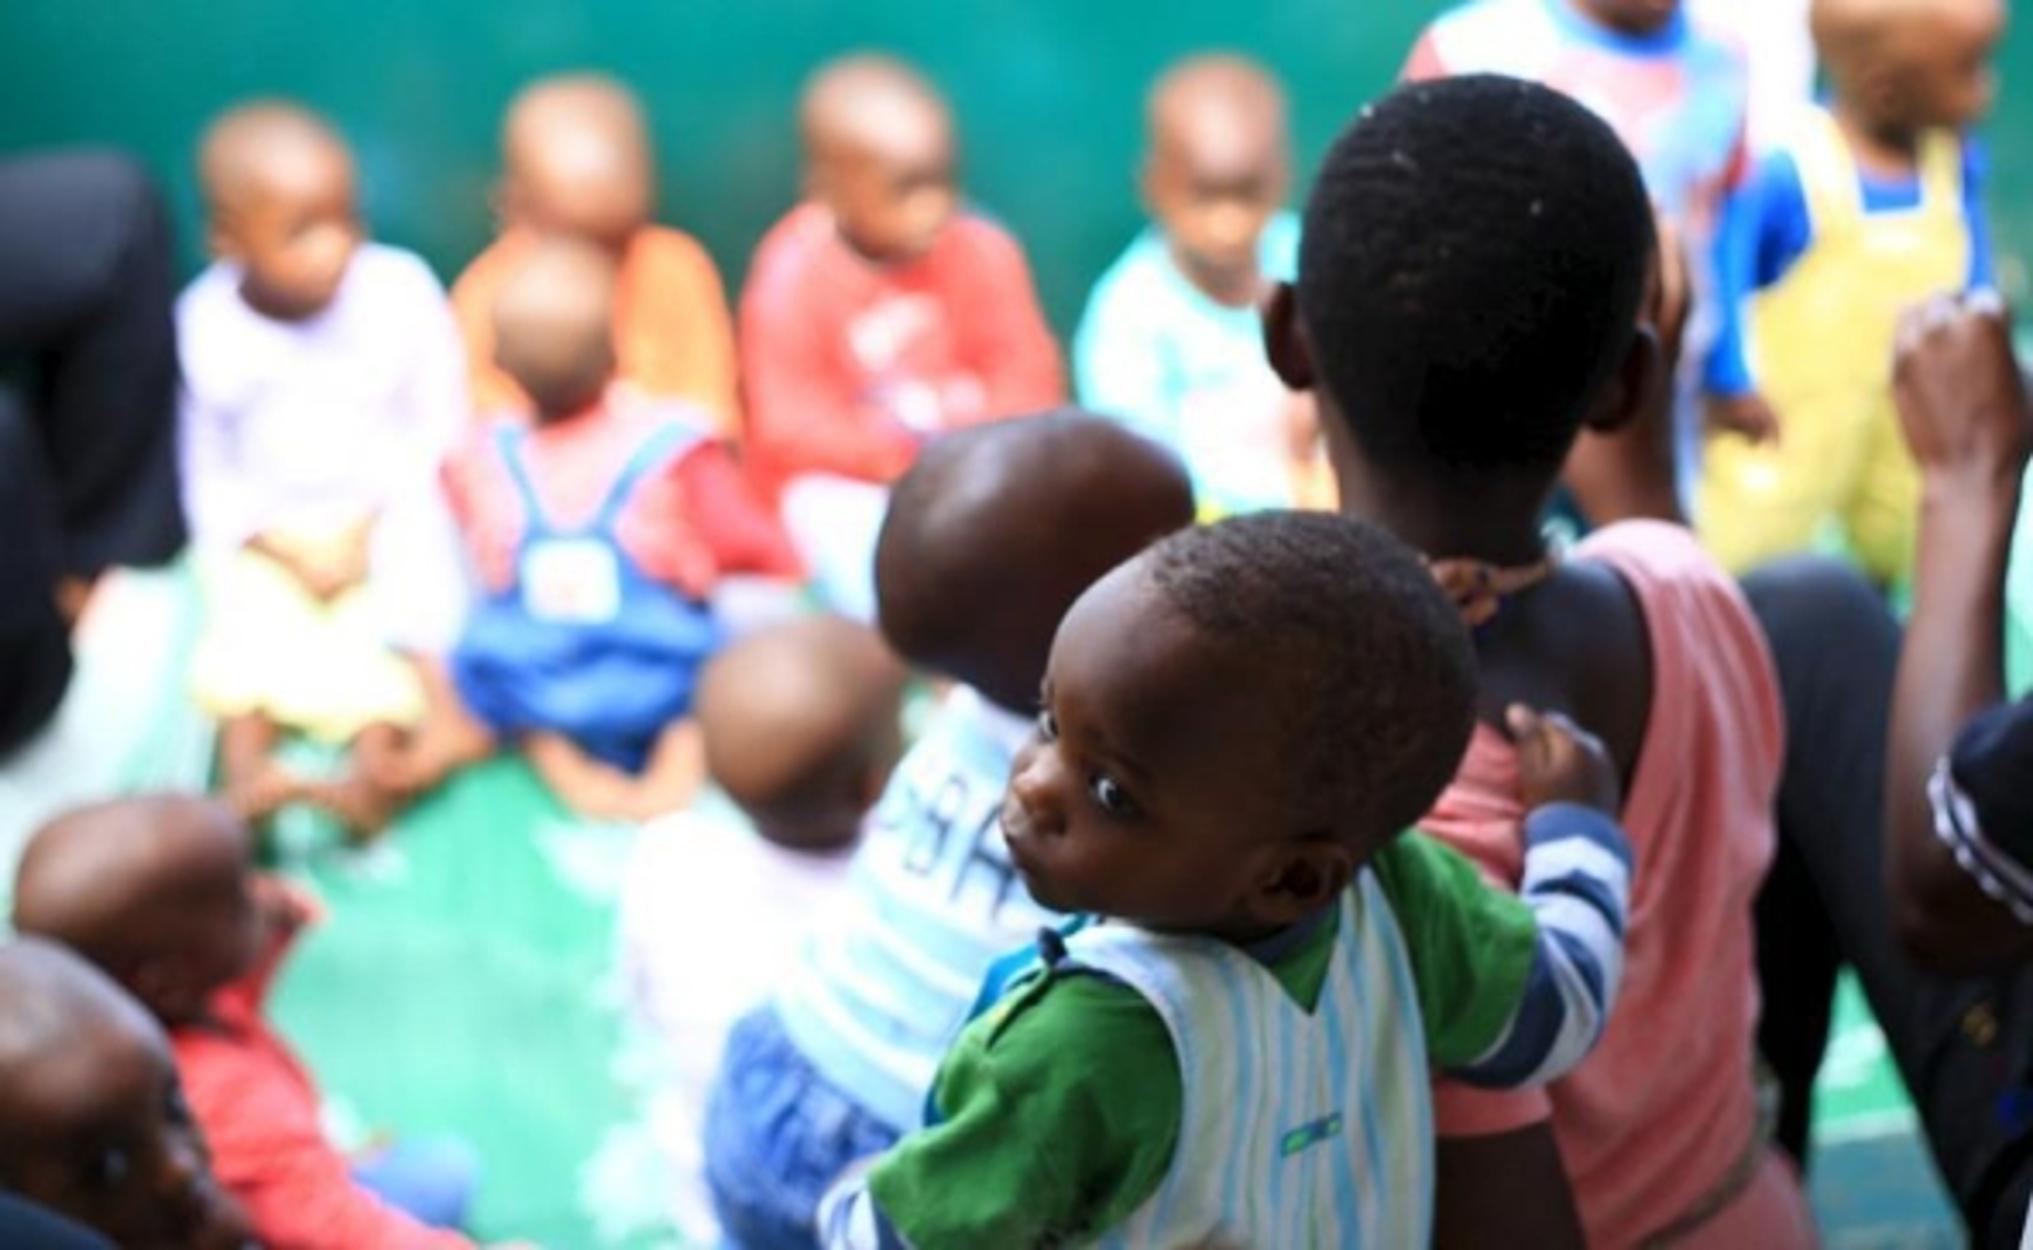 Φρίκη! 51.000 παιδιά κάτω των 5 ετών θα πεθάνουν σε Βόρεια Αφρική και Μέση Ανατολή